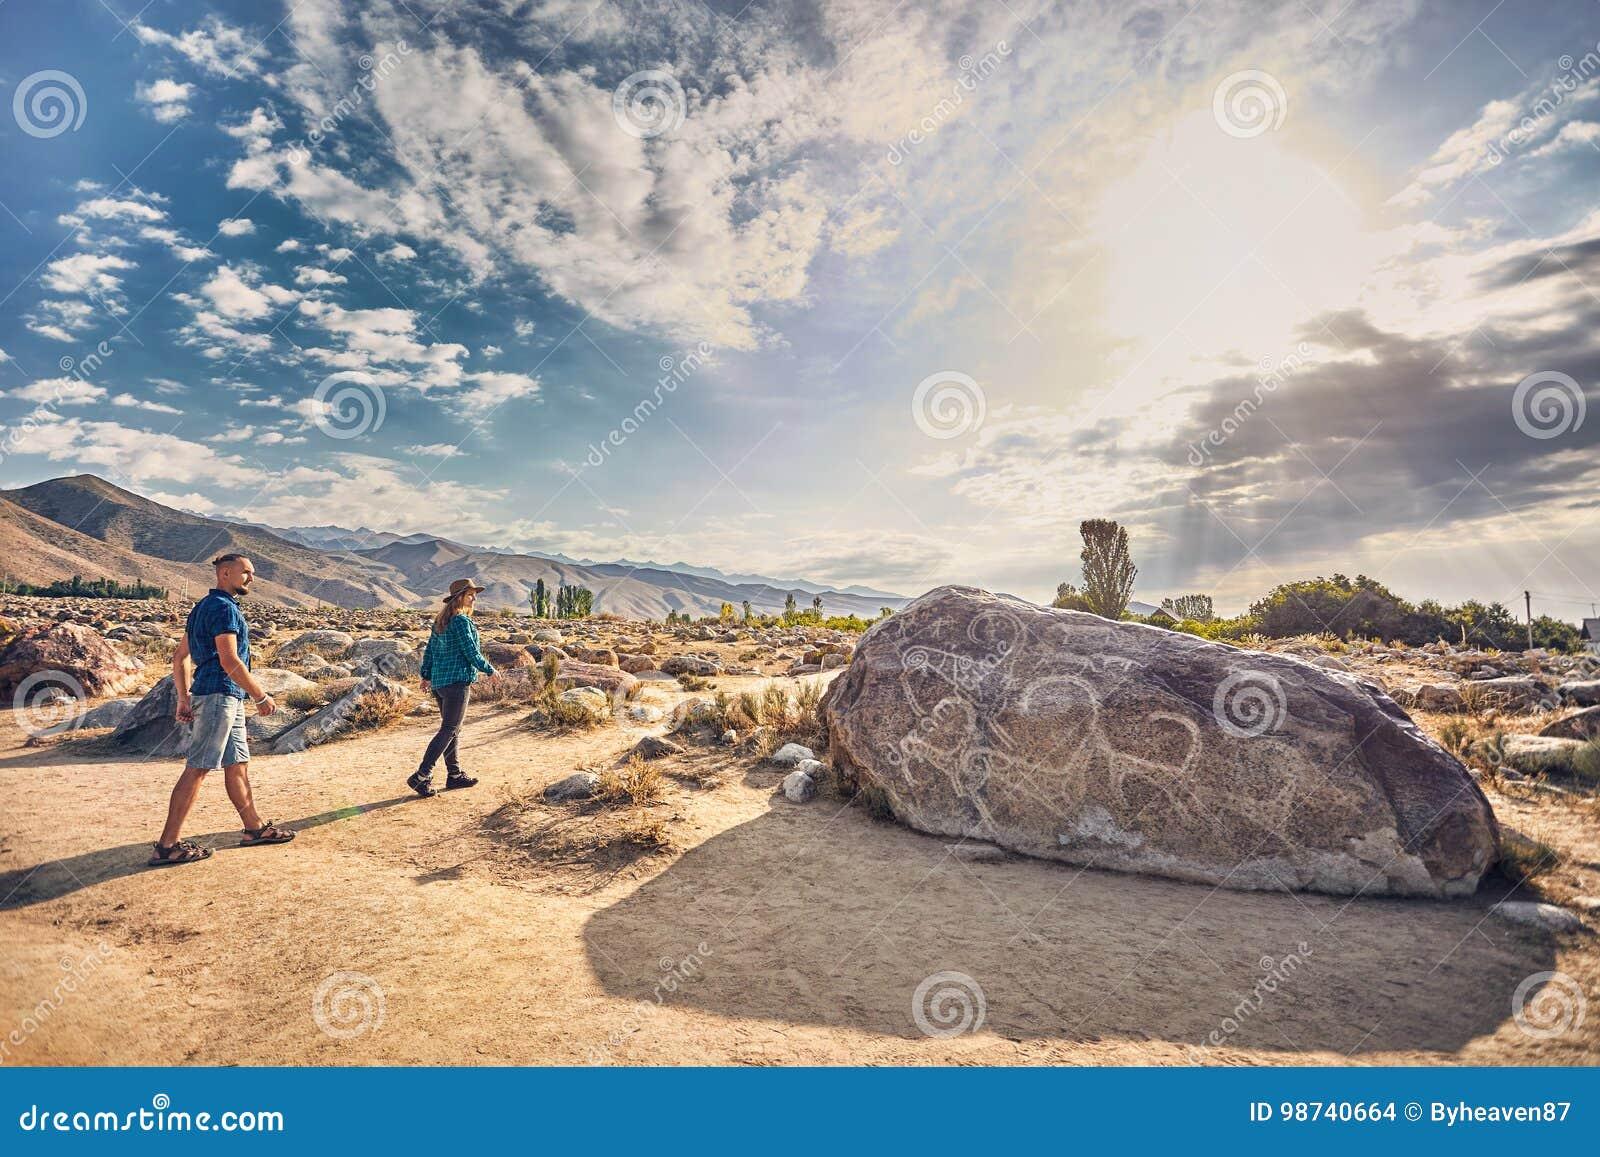 Пары туристской близко старой каменной картины